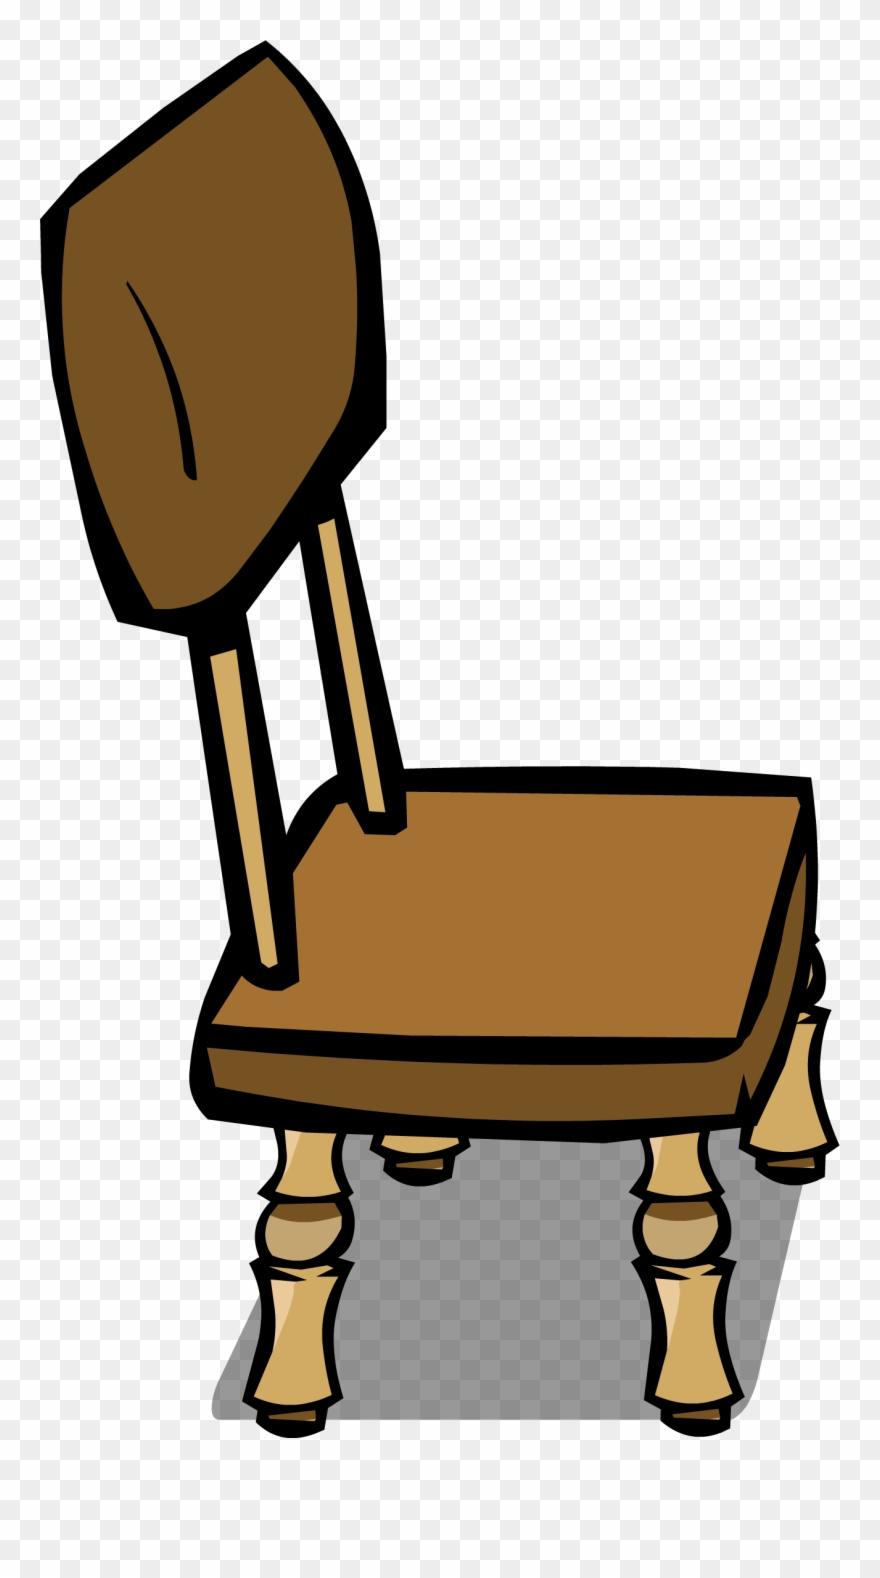 chair # 5085183